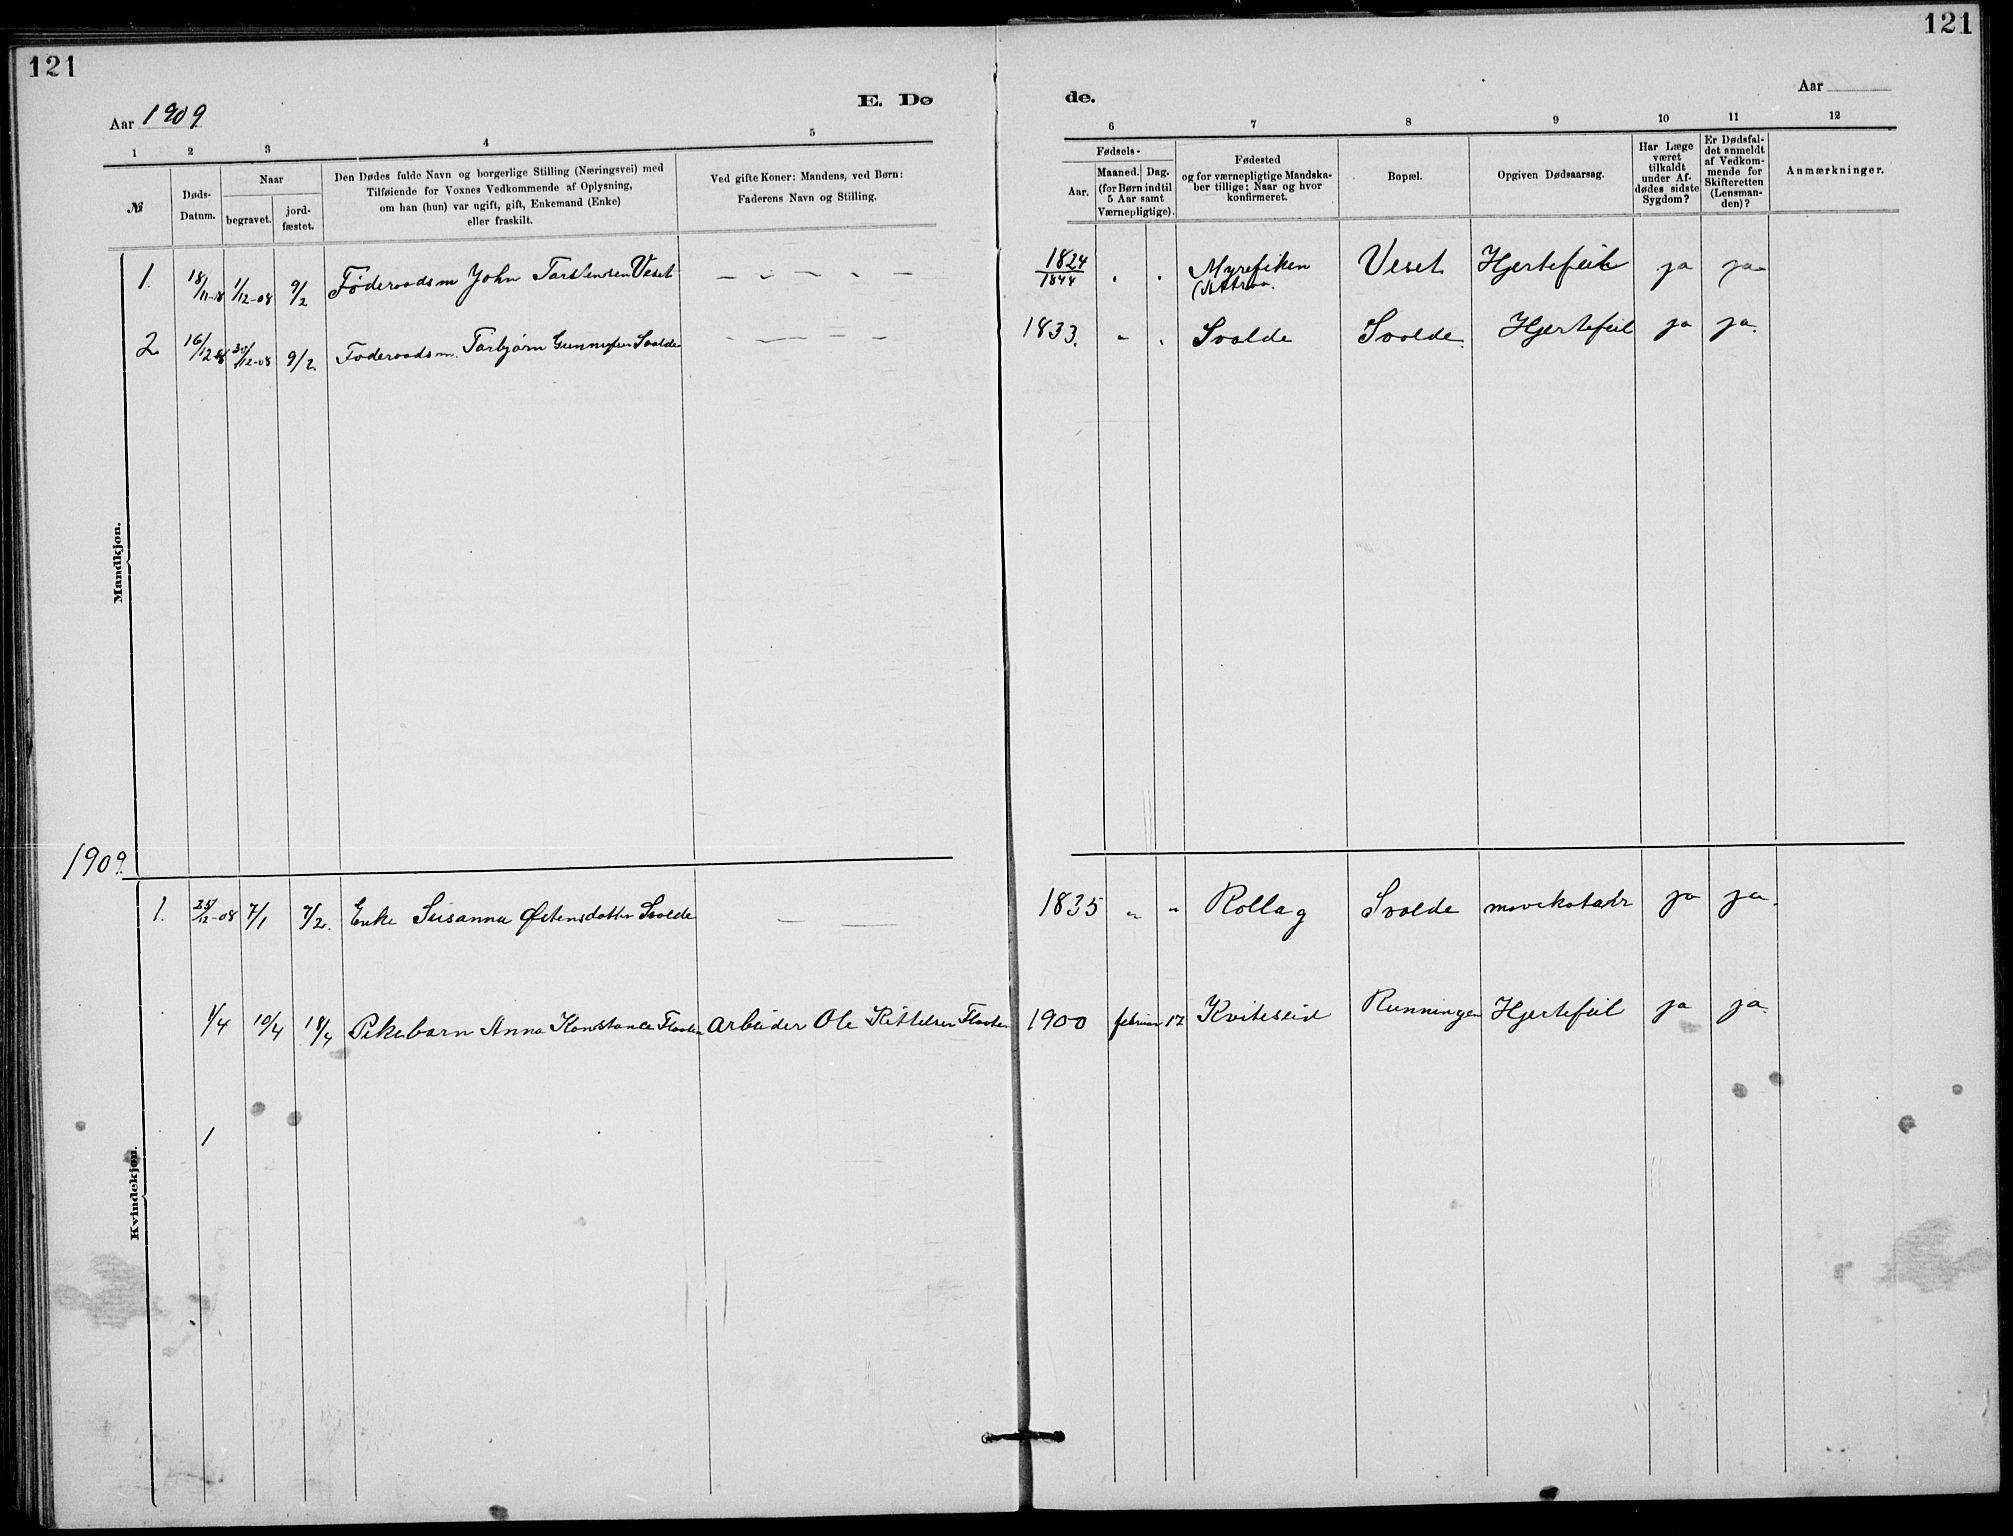 SAKO, Rjukan kirkebøker, G/Ga/L0001: Klokkerbok nr. 1, 1880-1914, s. 121